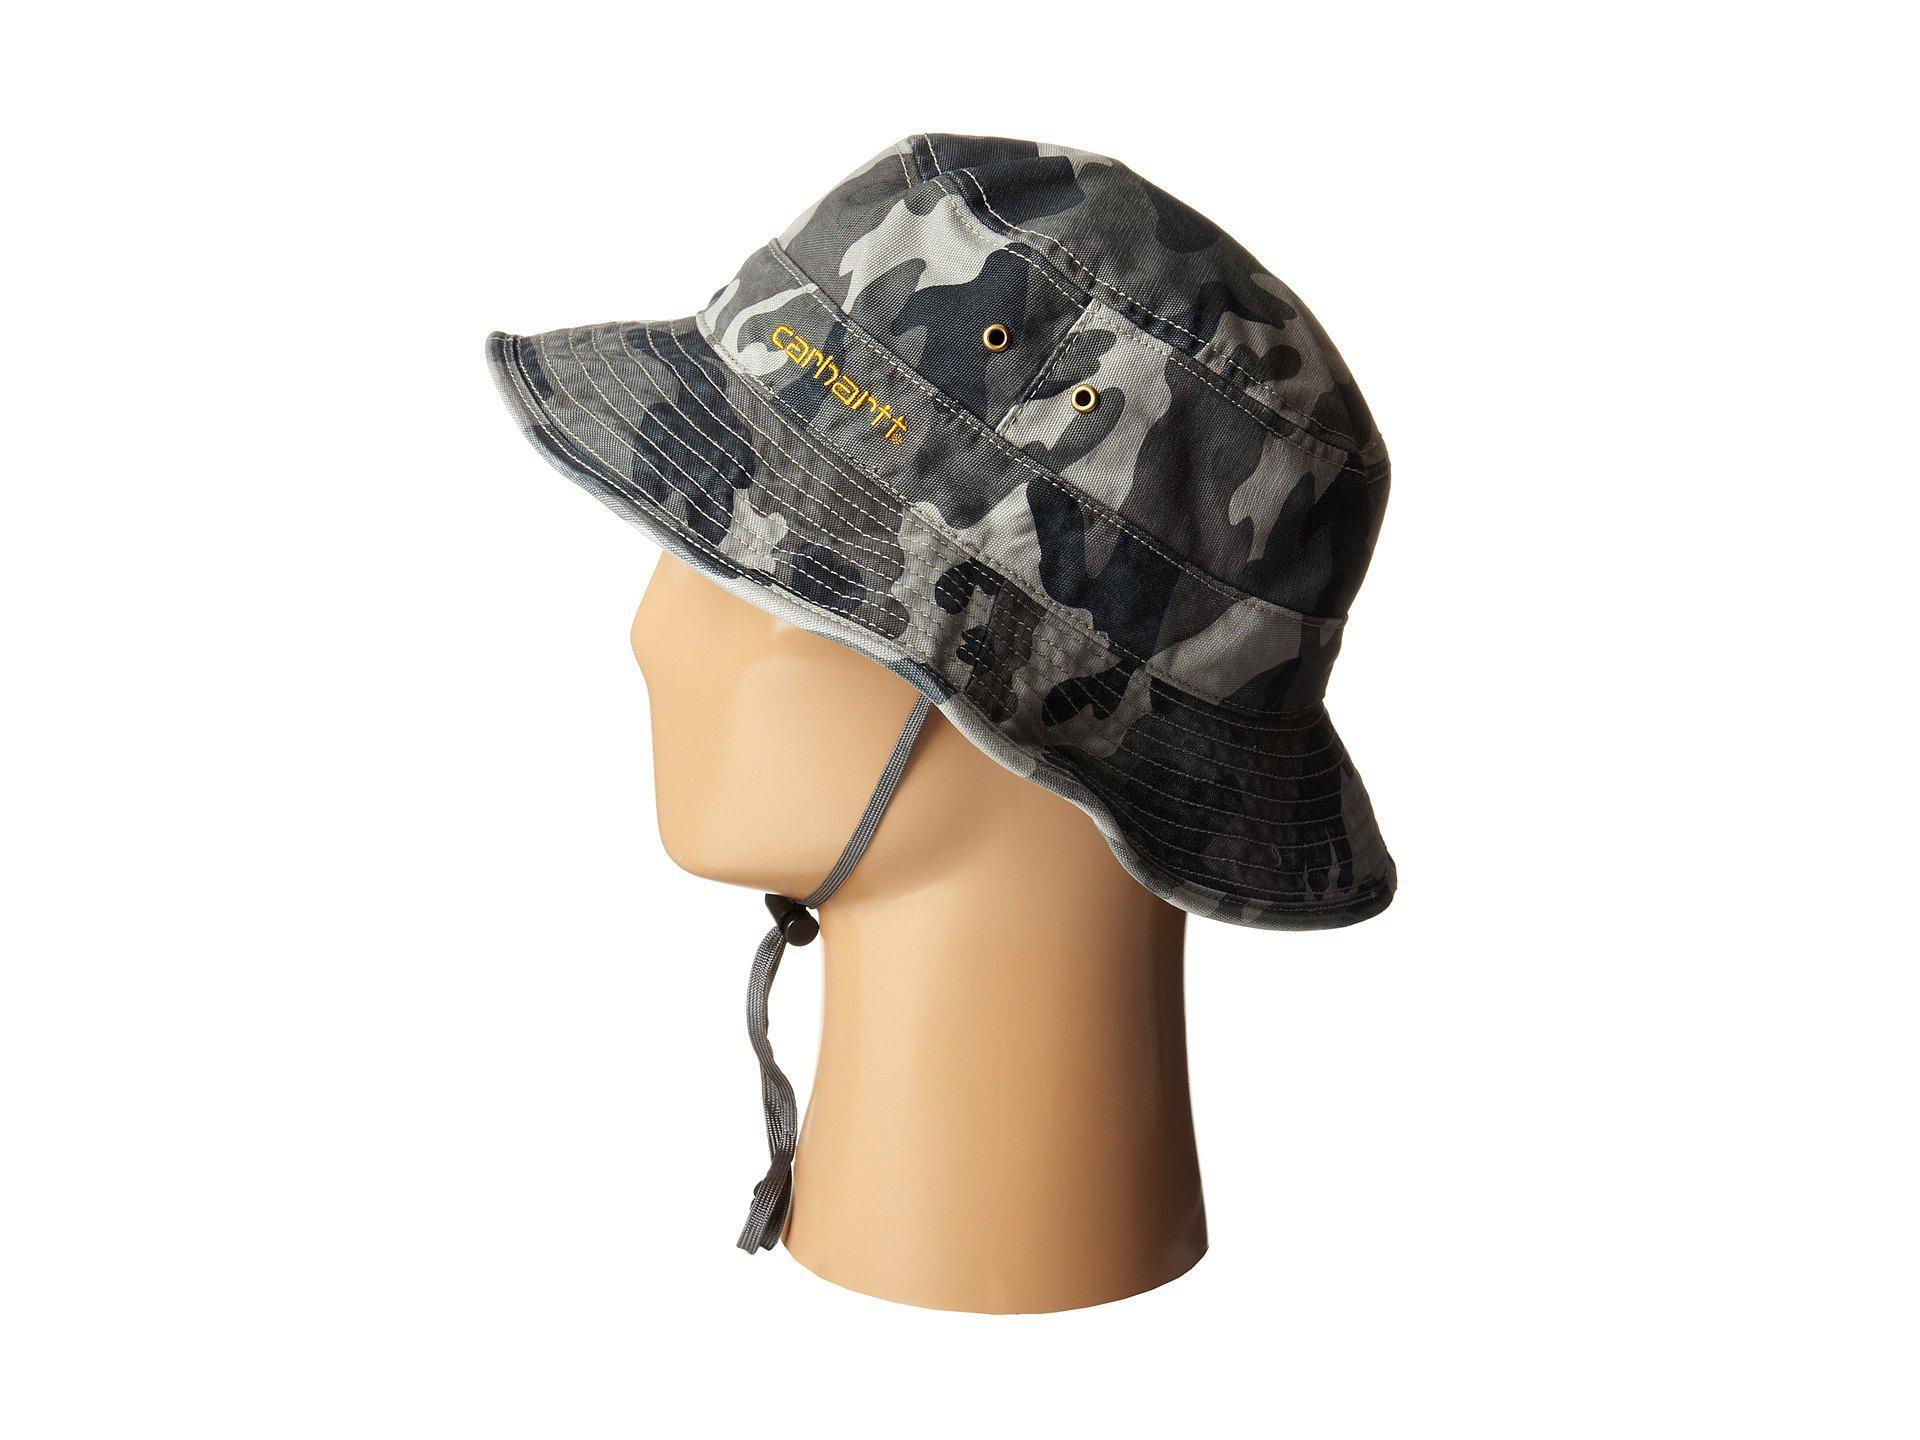 Lyst - Carhartt Billings Hat in Gray for Men 32bd626767c